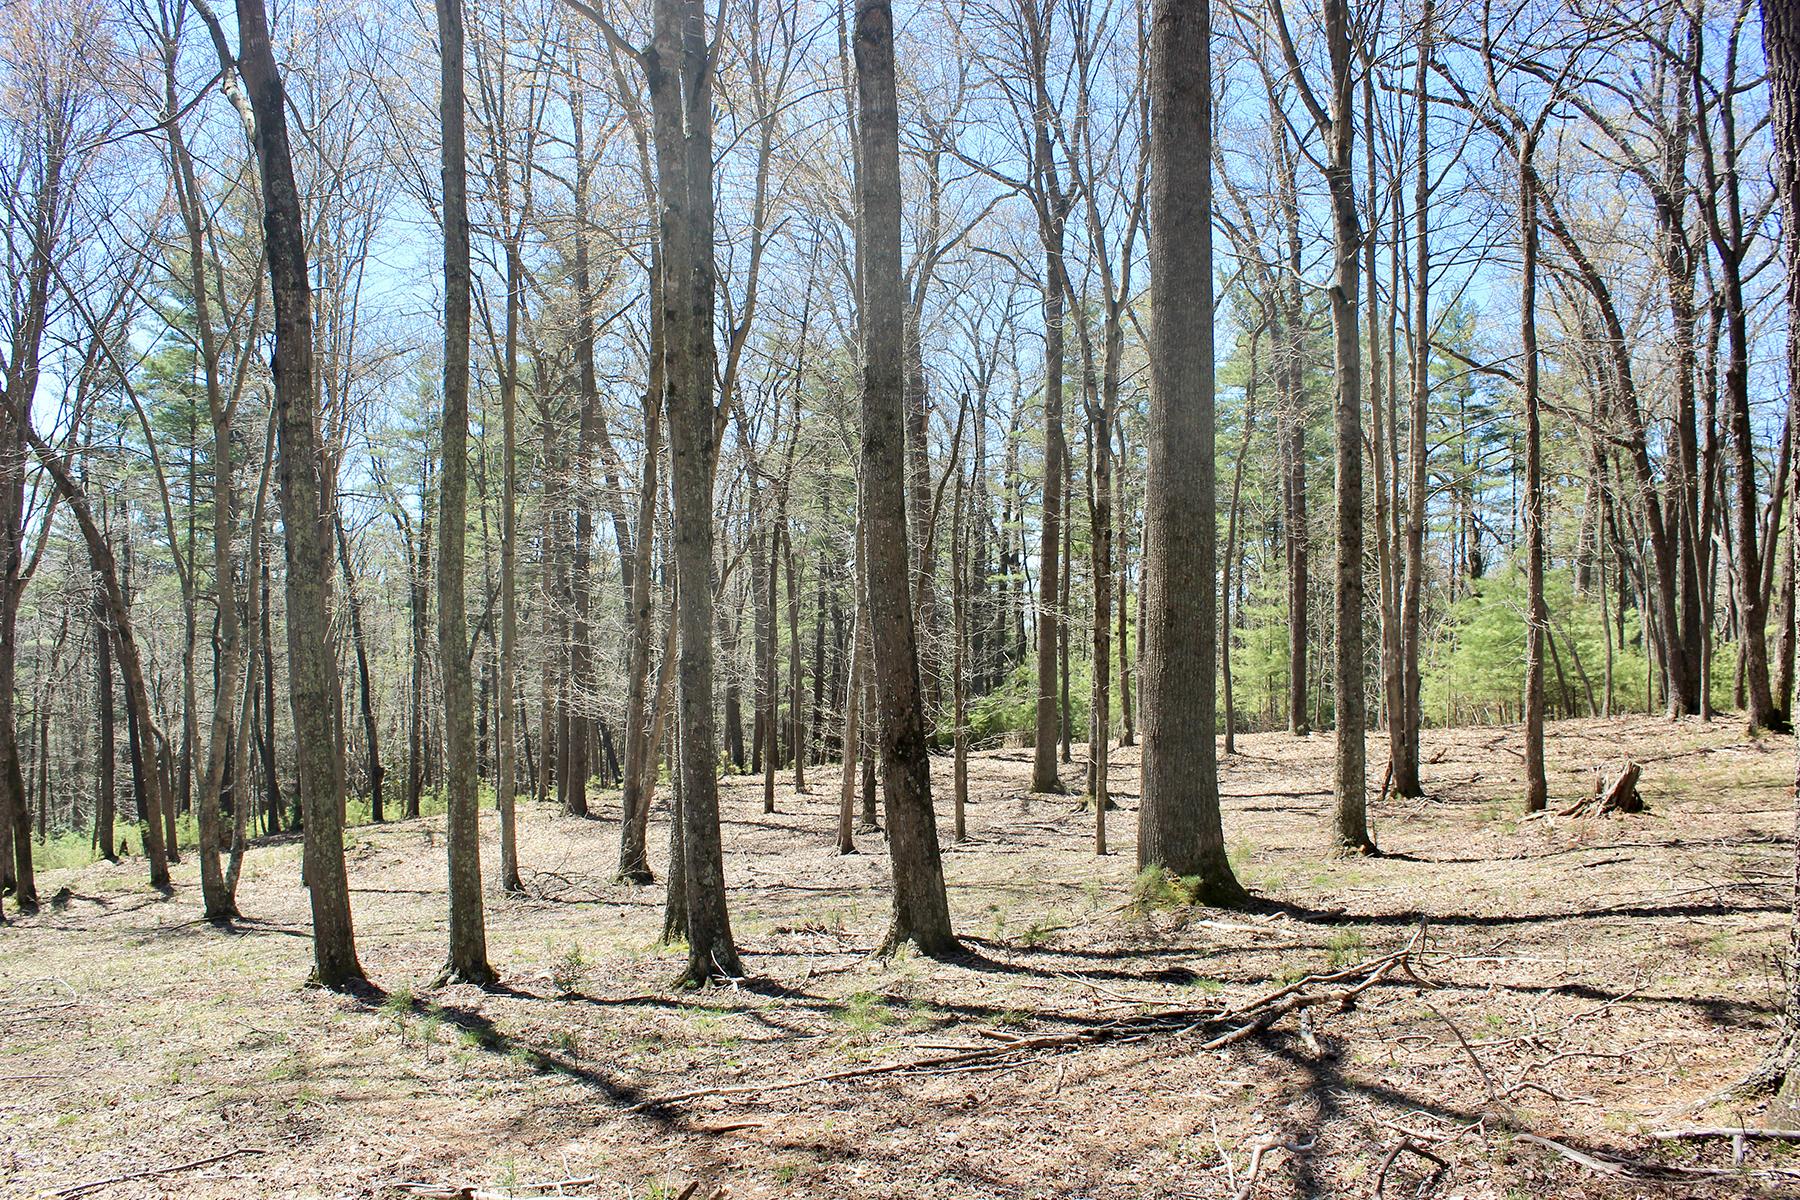 Οικόπεδο για την Πώληση στο BILTMORE FOREST Lots 1&2 Cedar Hill Drive, Biltmore Forest, Βορεια Καρολινα 28803 Ηνωμένες Πολιτείες